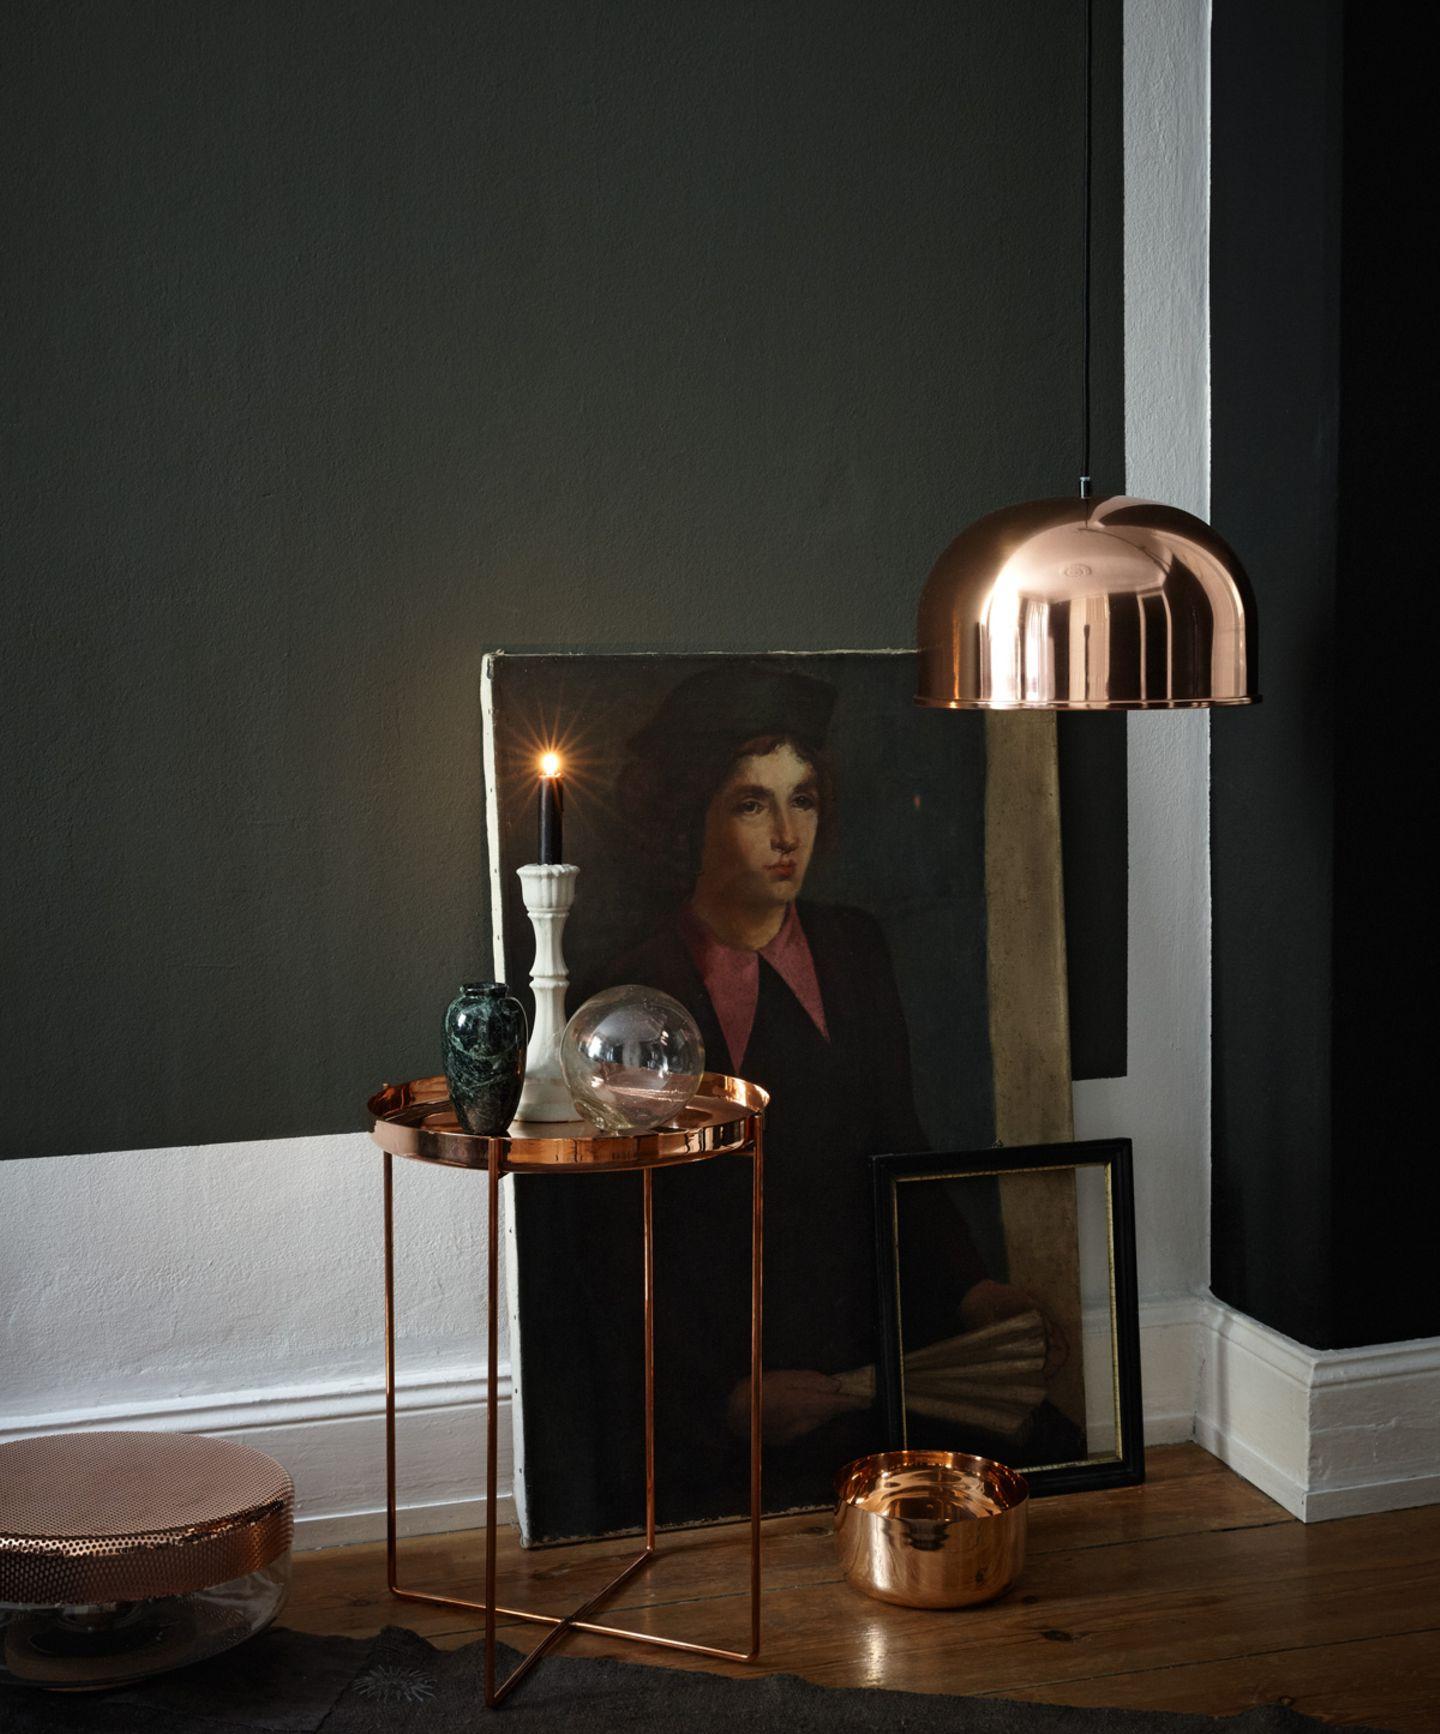 Möbel und Accessoires aus Kupfer vor Wand in Schwarz